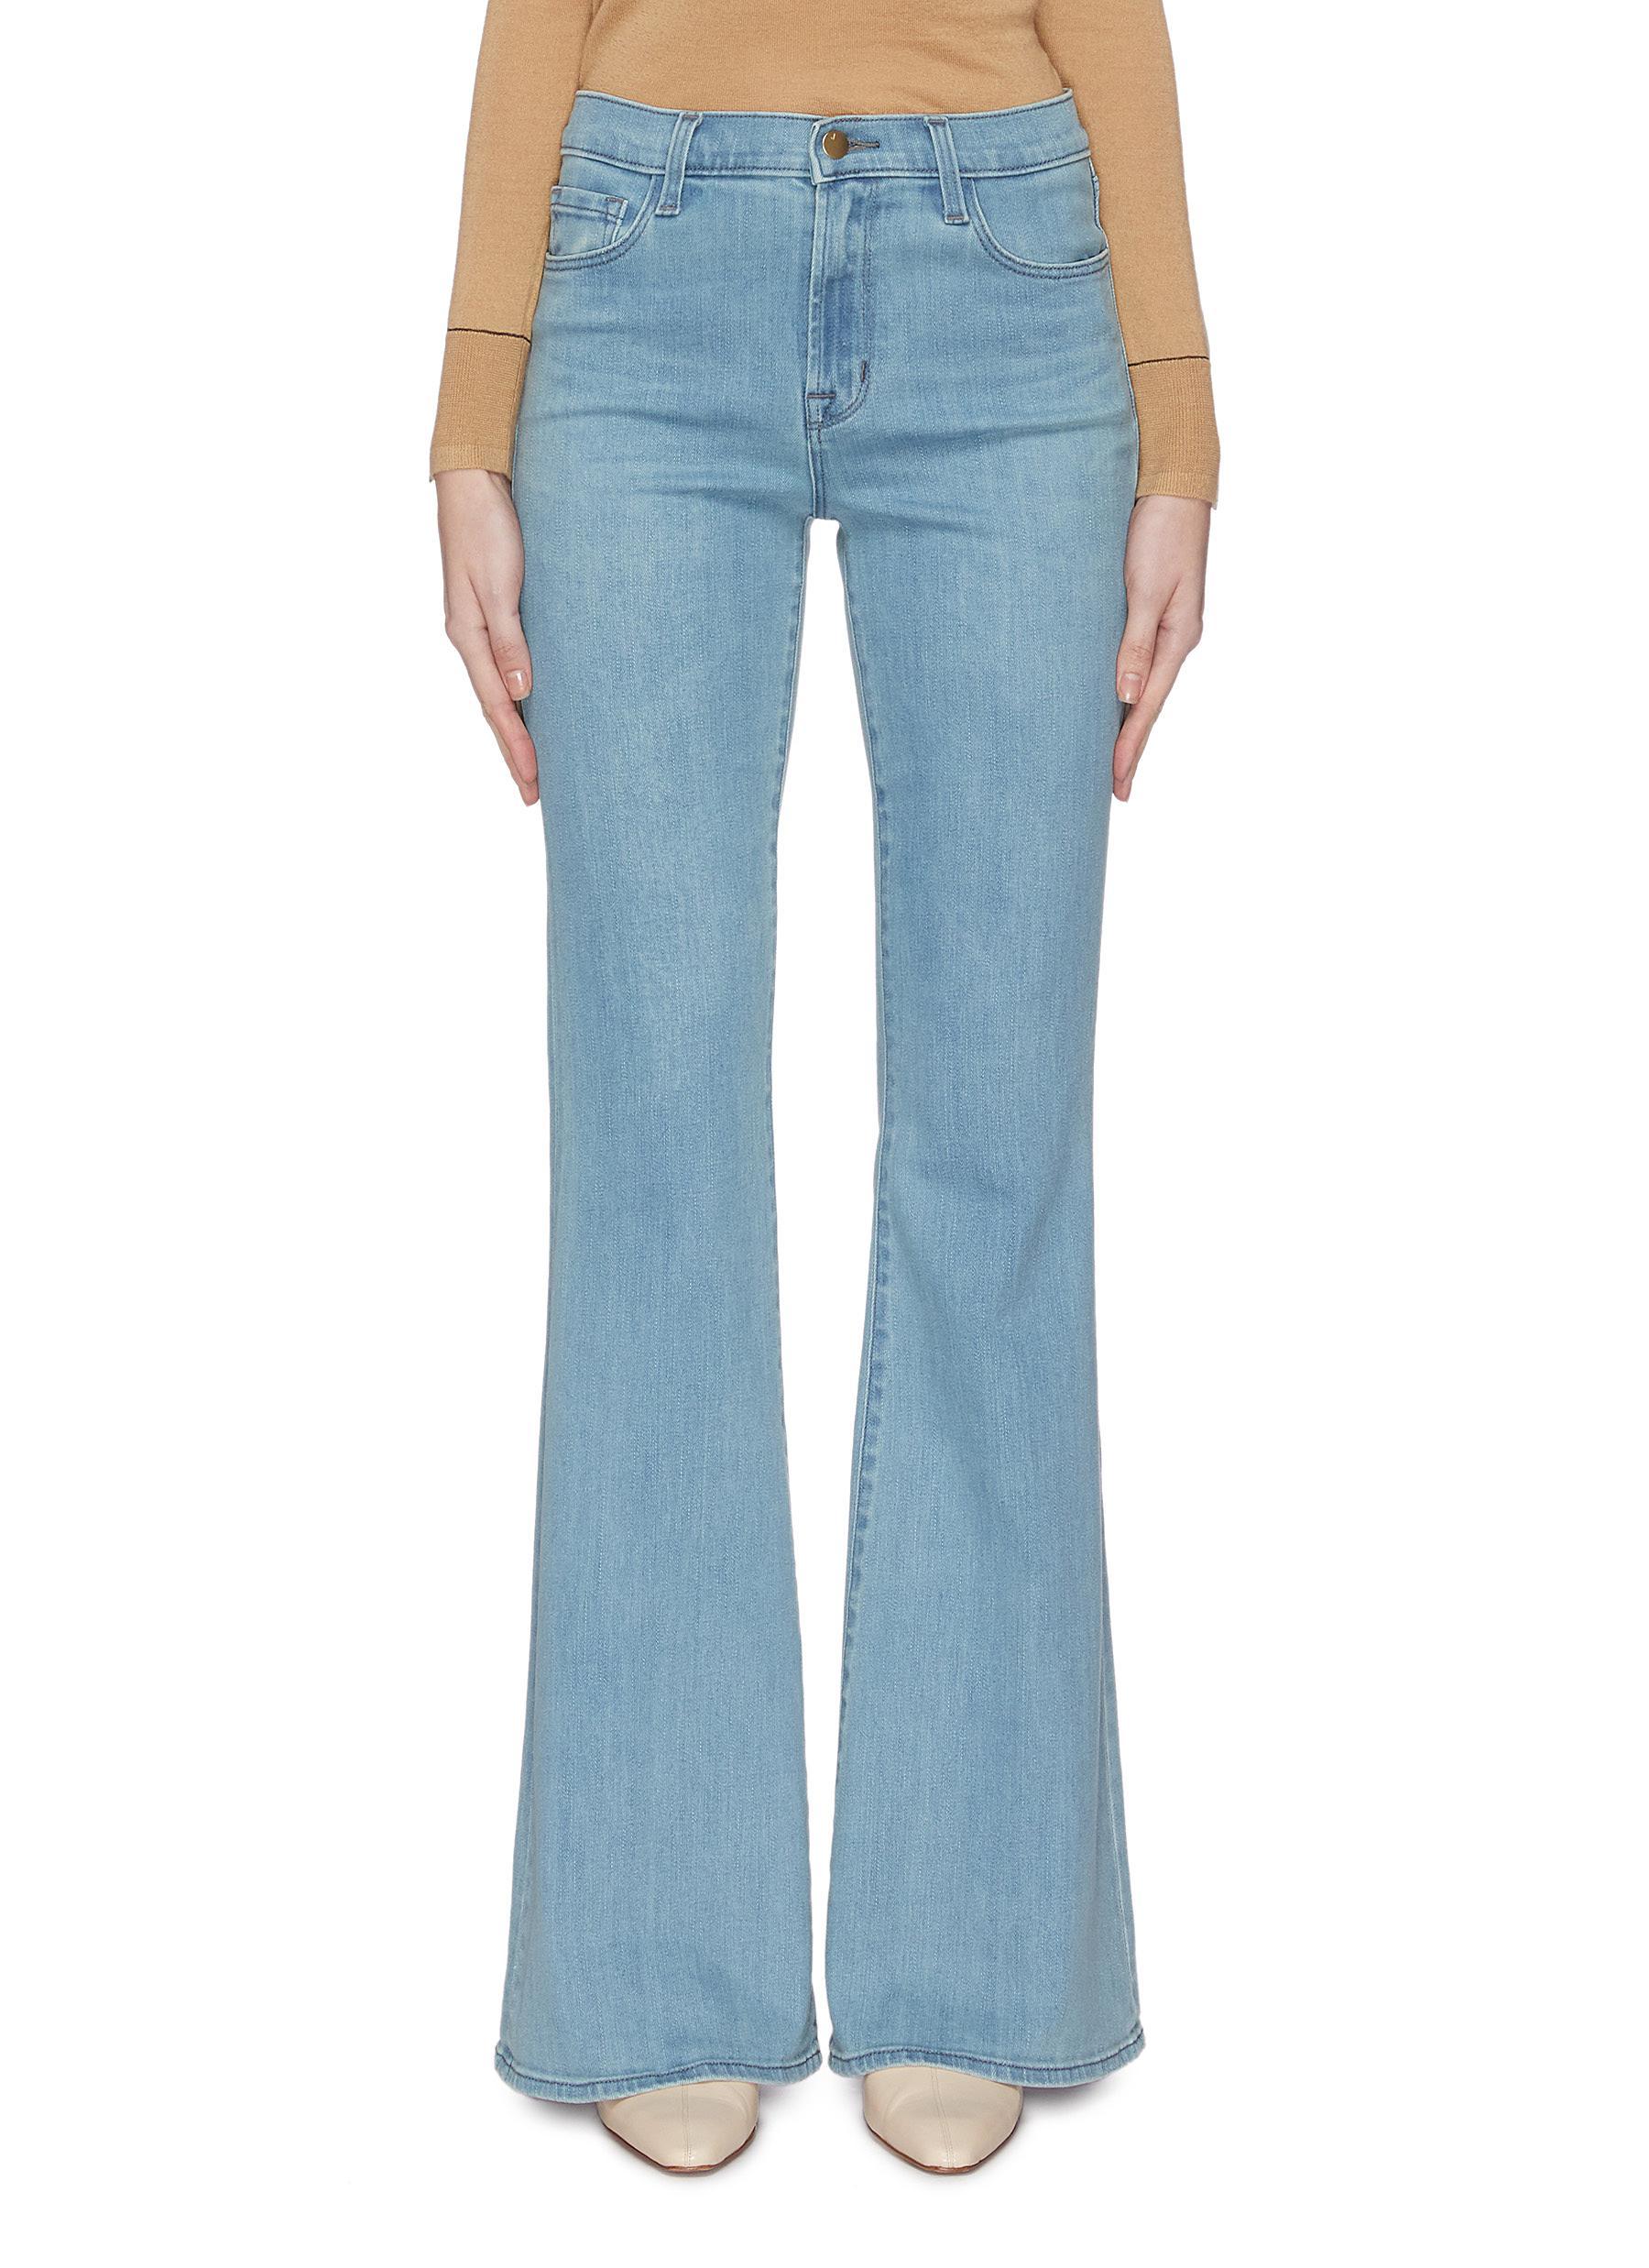 Buy J Brand Jeans 'Valentina' flared jeans